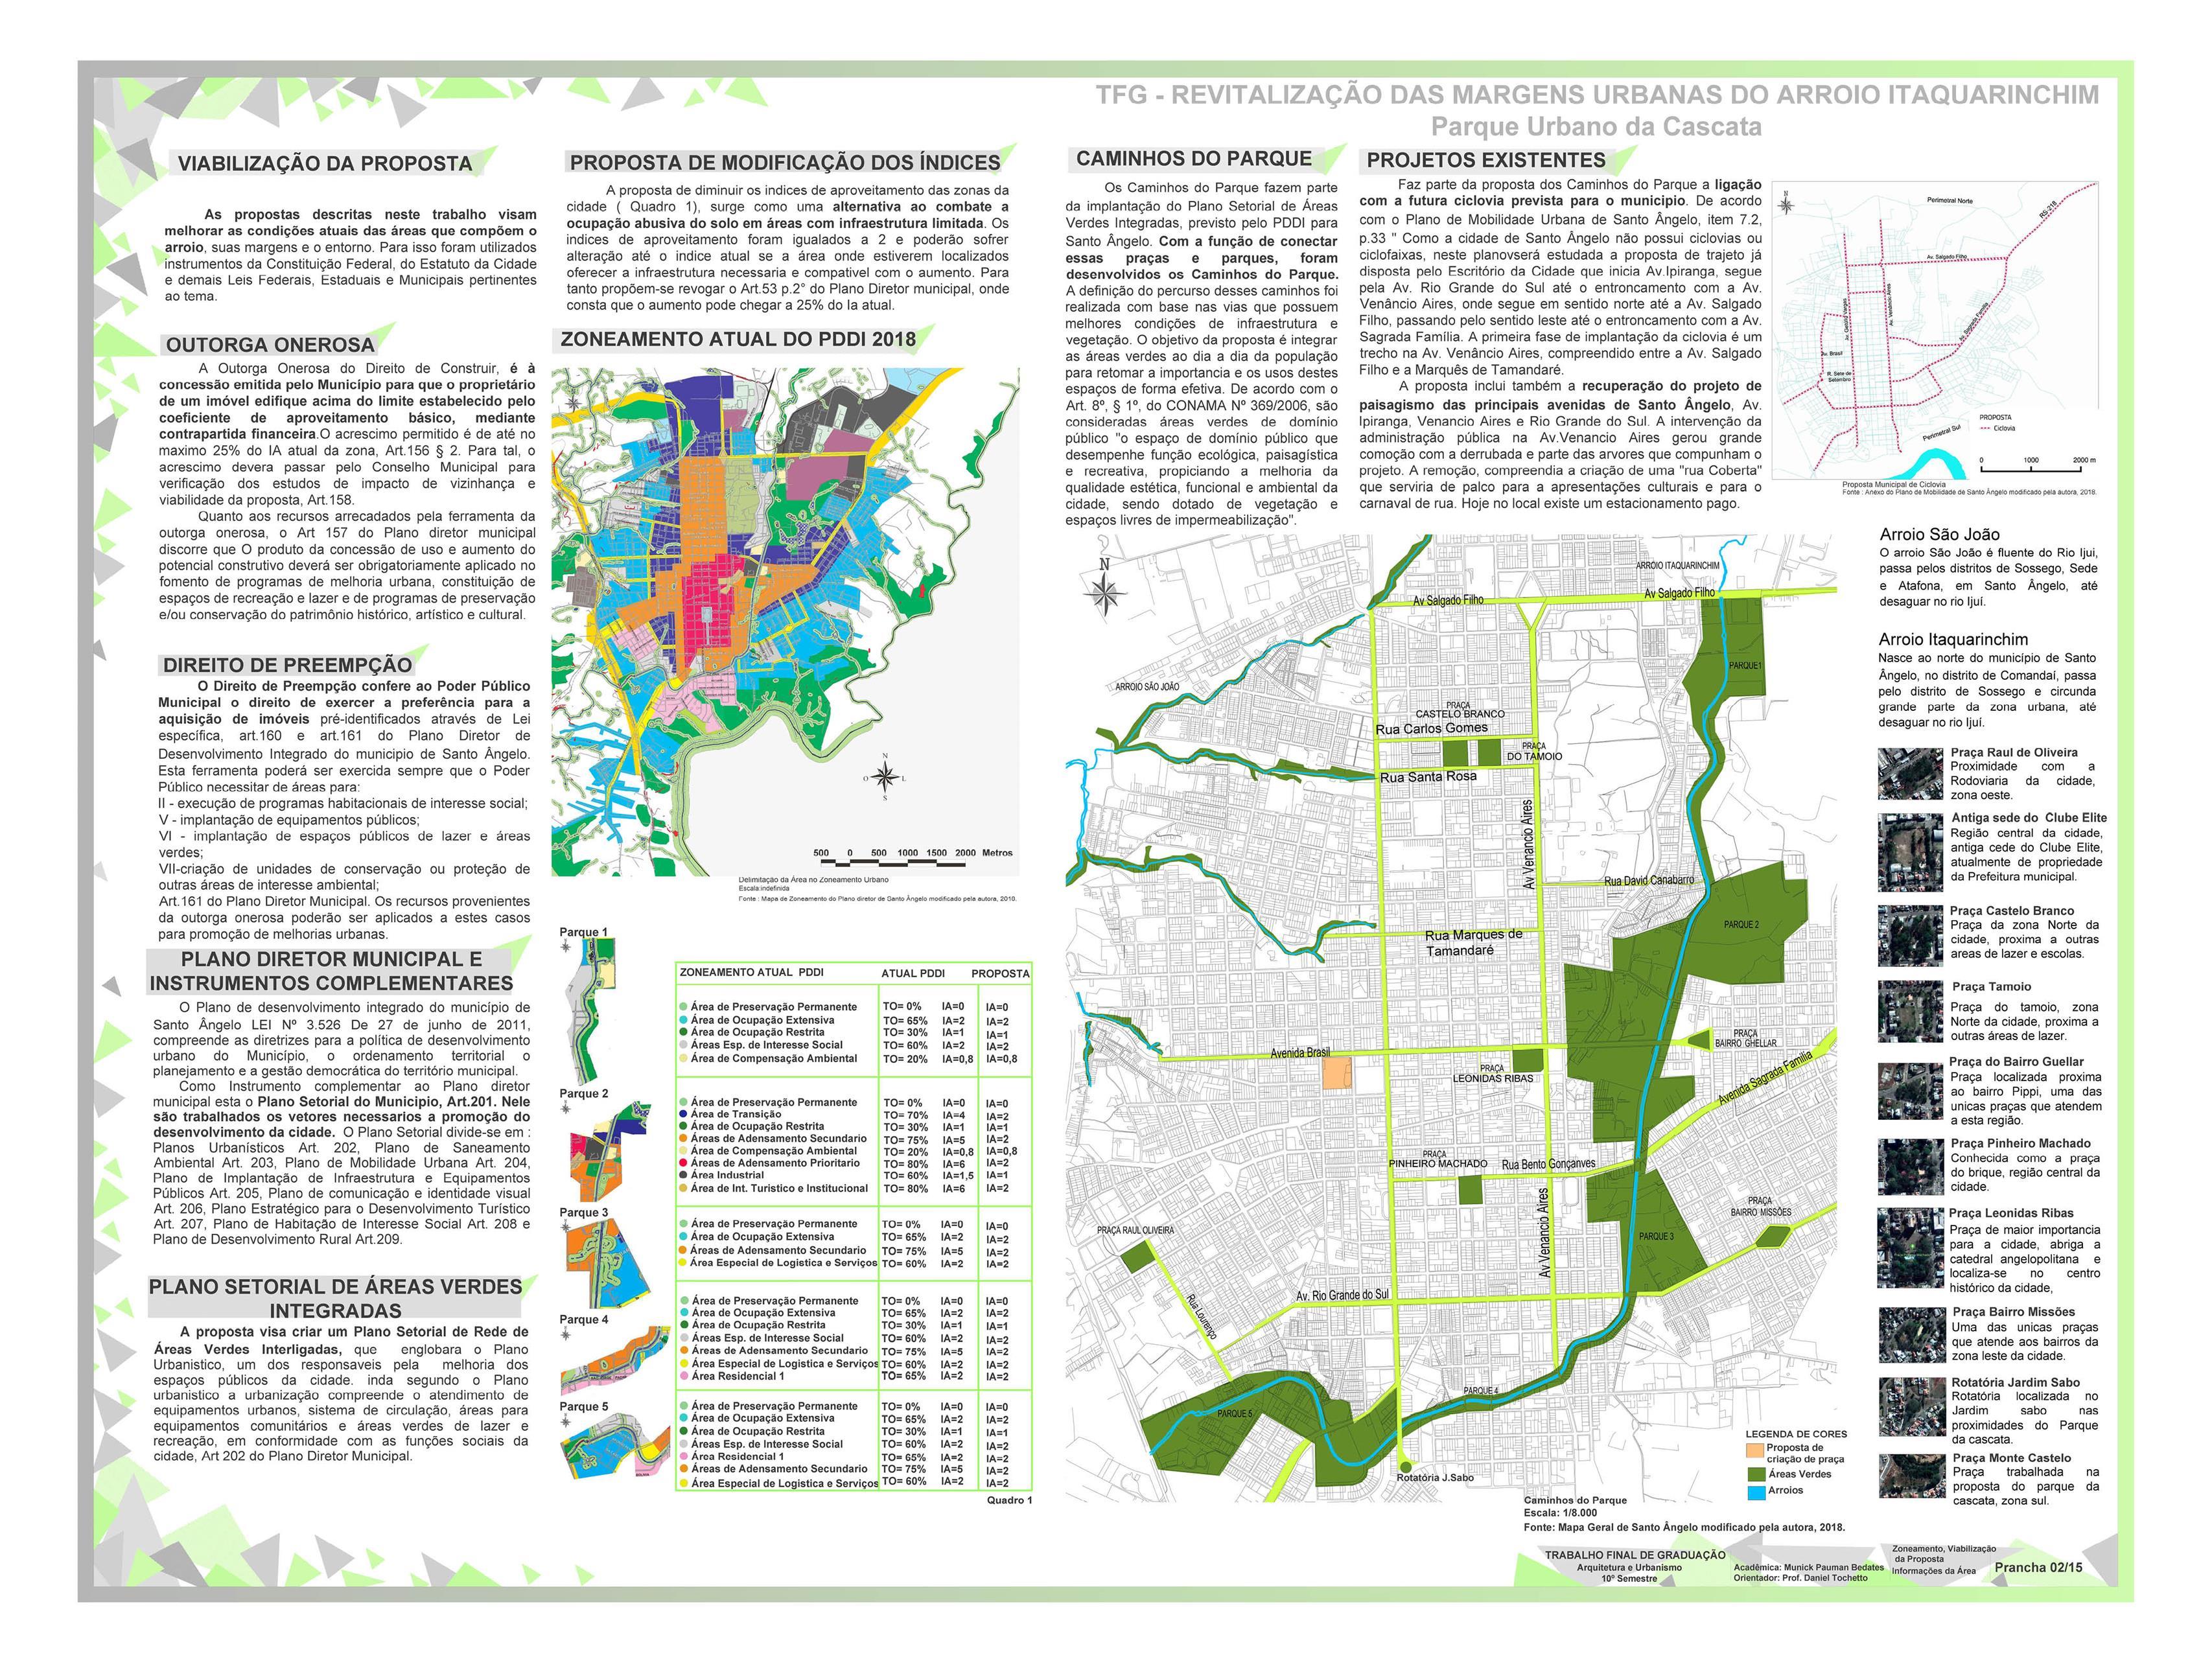 Revitalização das Margens do Arroio Itaquarinchim - Parque Urbano da Cascata2 (Copy)